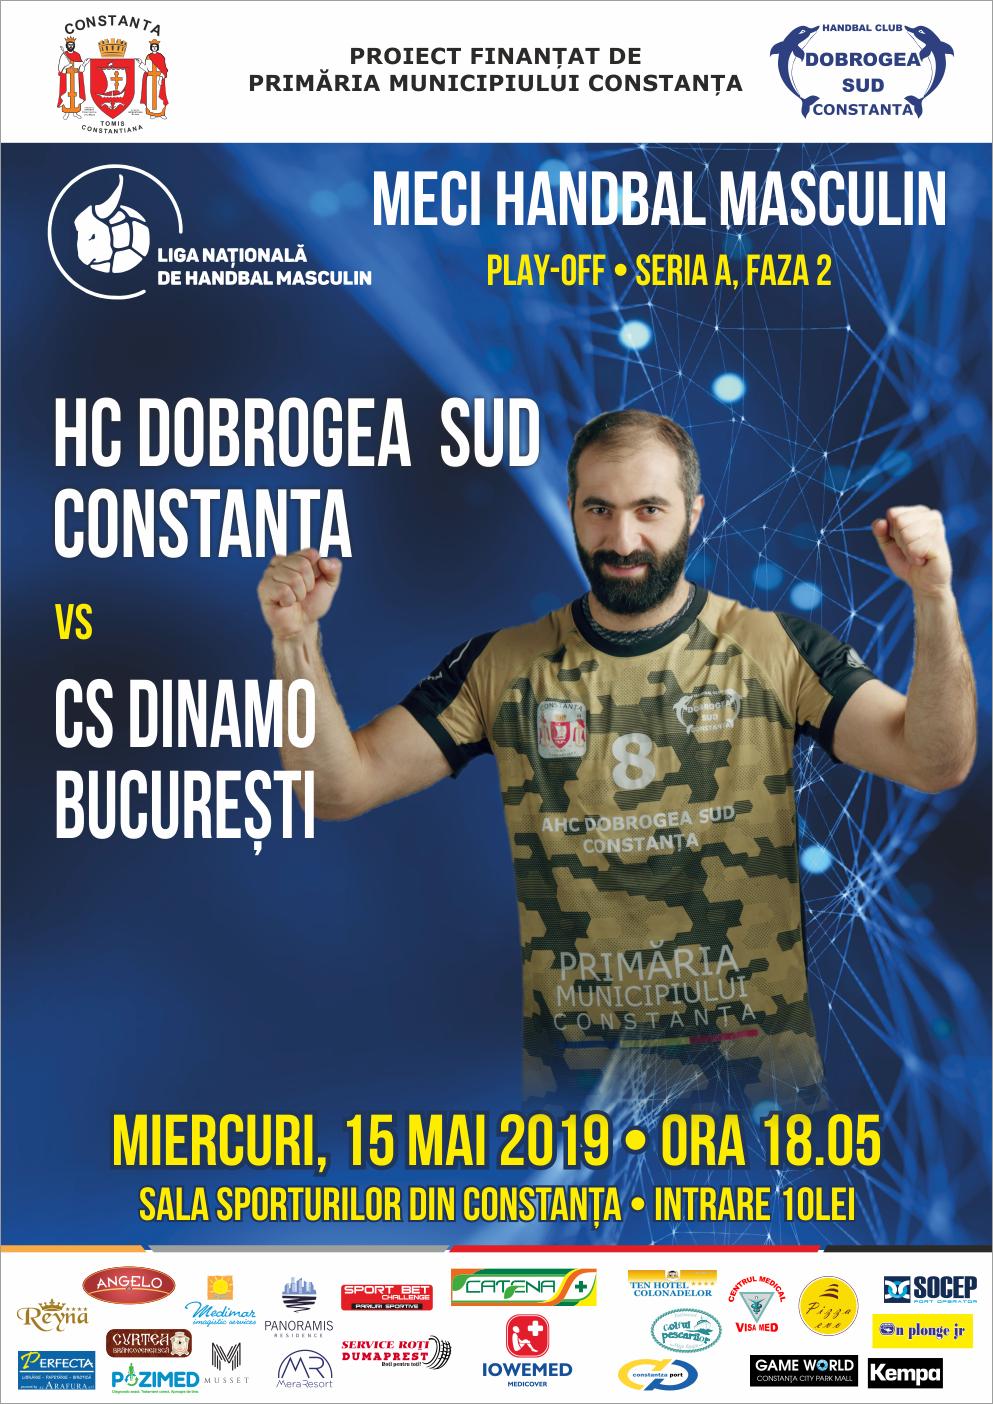 afis HC Dobrogea Sud Constanta vs. CS Dinamo Bucuresti 15.05.2019